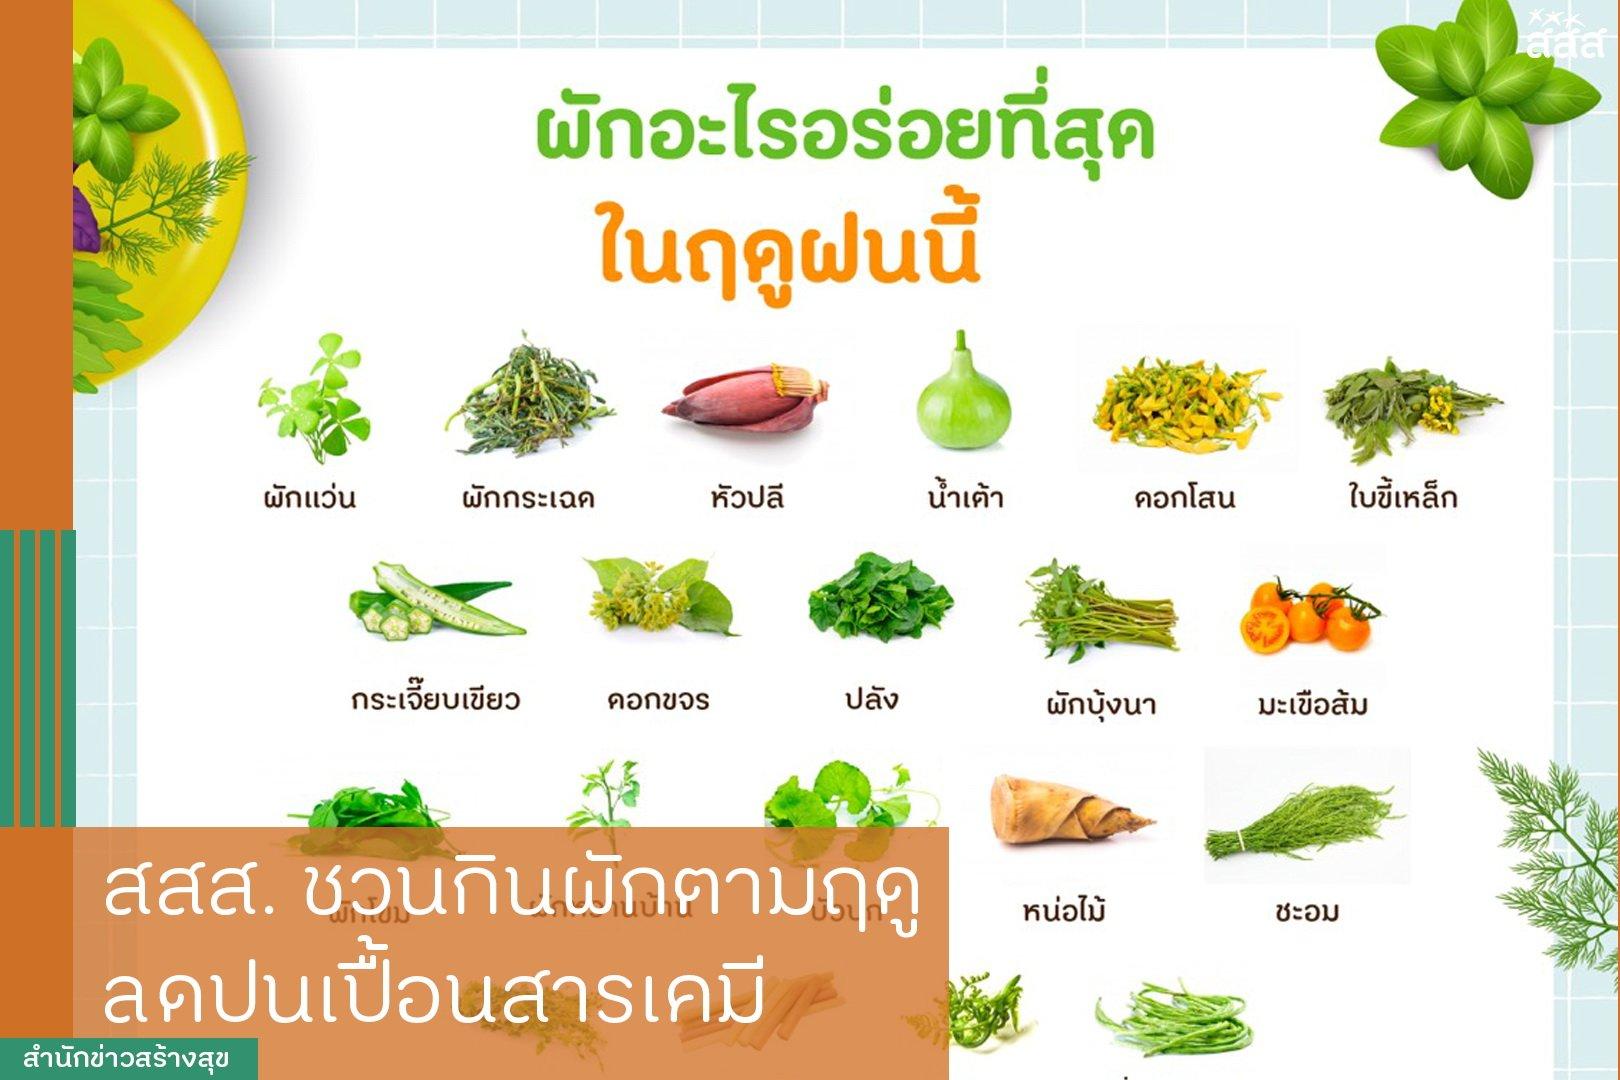 สสส.ชวนกินผักตามฤดู ลดปนเปื้อนสารเคมี thaihealth